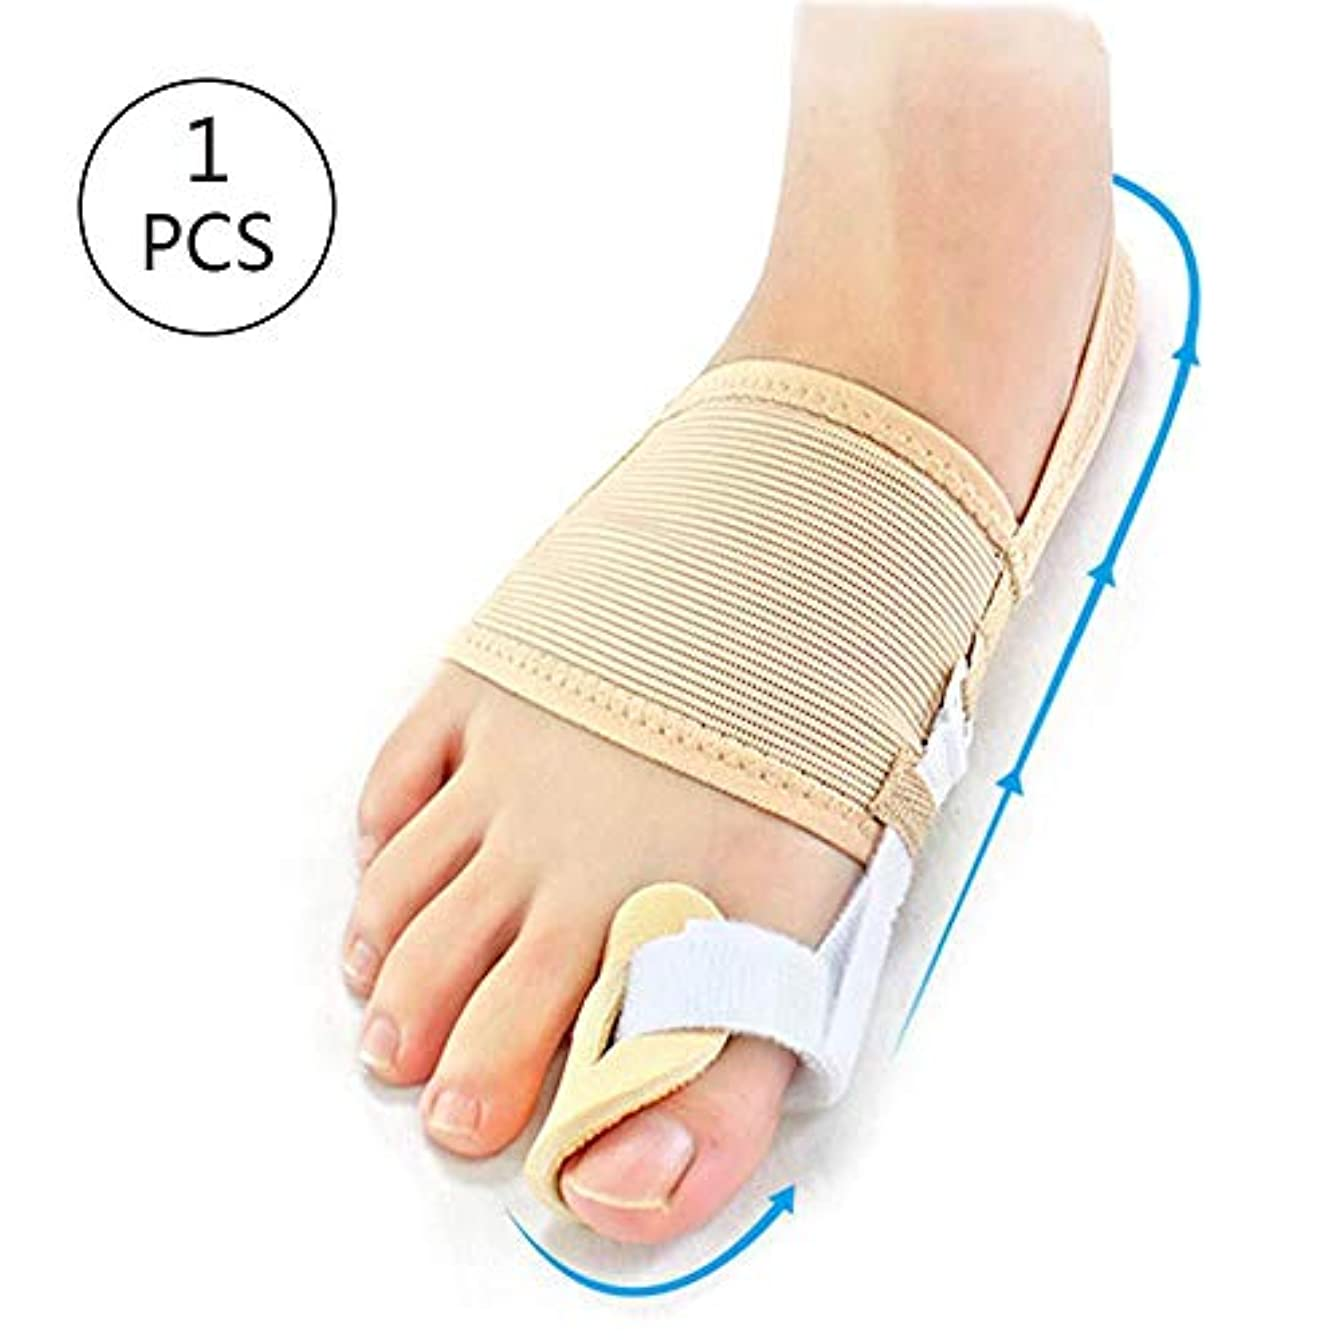 目指す結婚通信する外反母tho、外反母、ナイトスプリント、足の親指、矯正、矯正、足指、整形外科、痛みの緩和とサポート(1)ユニバーサル